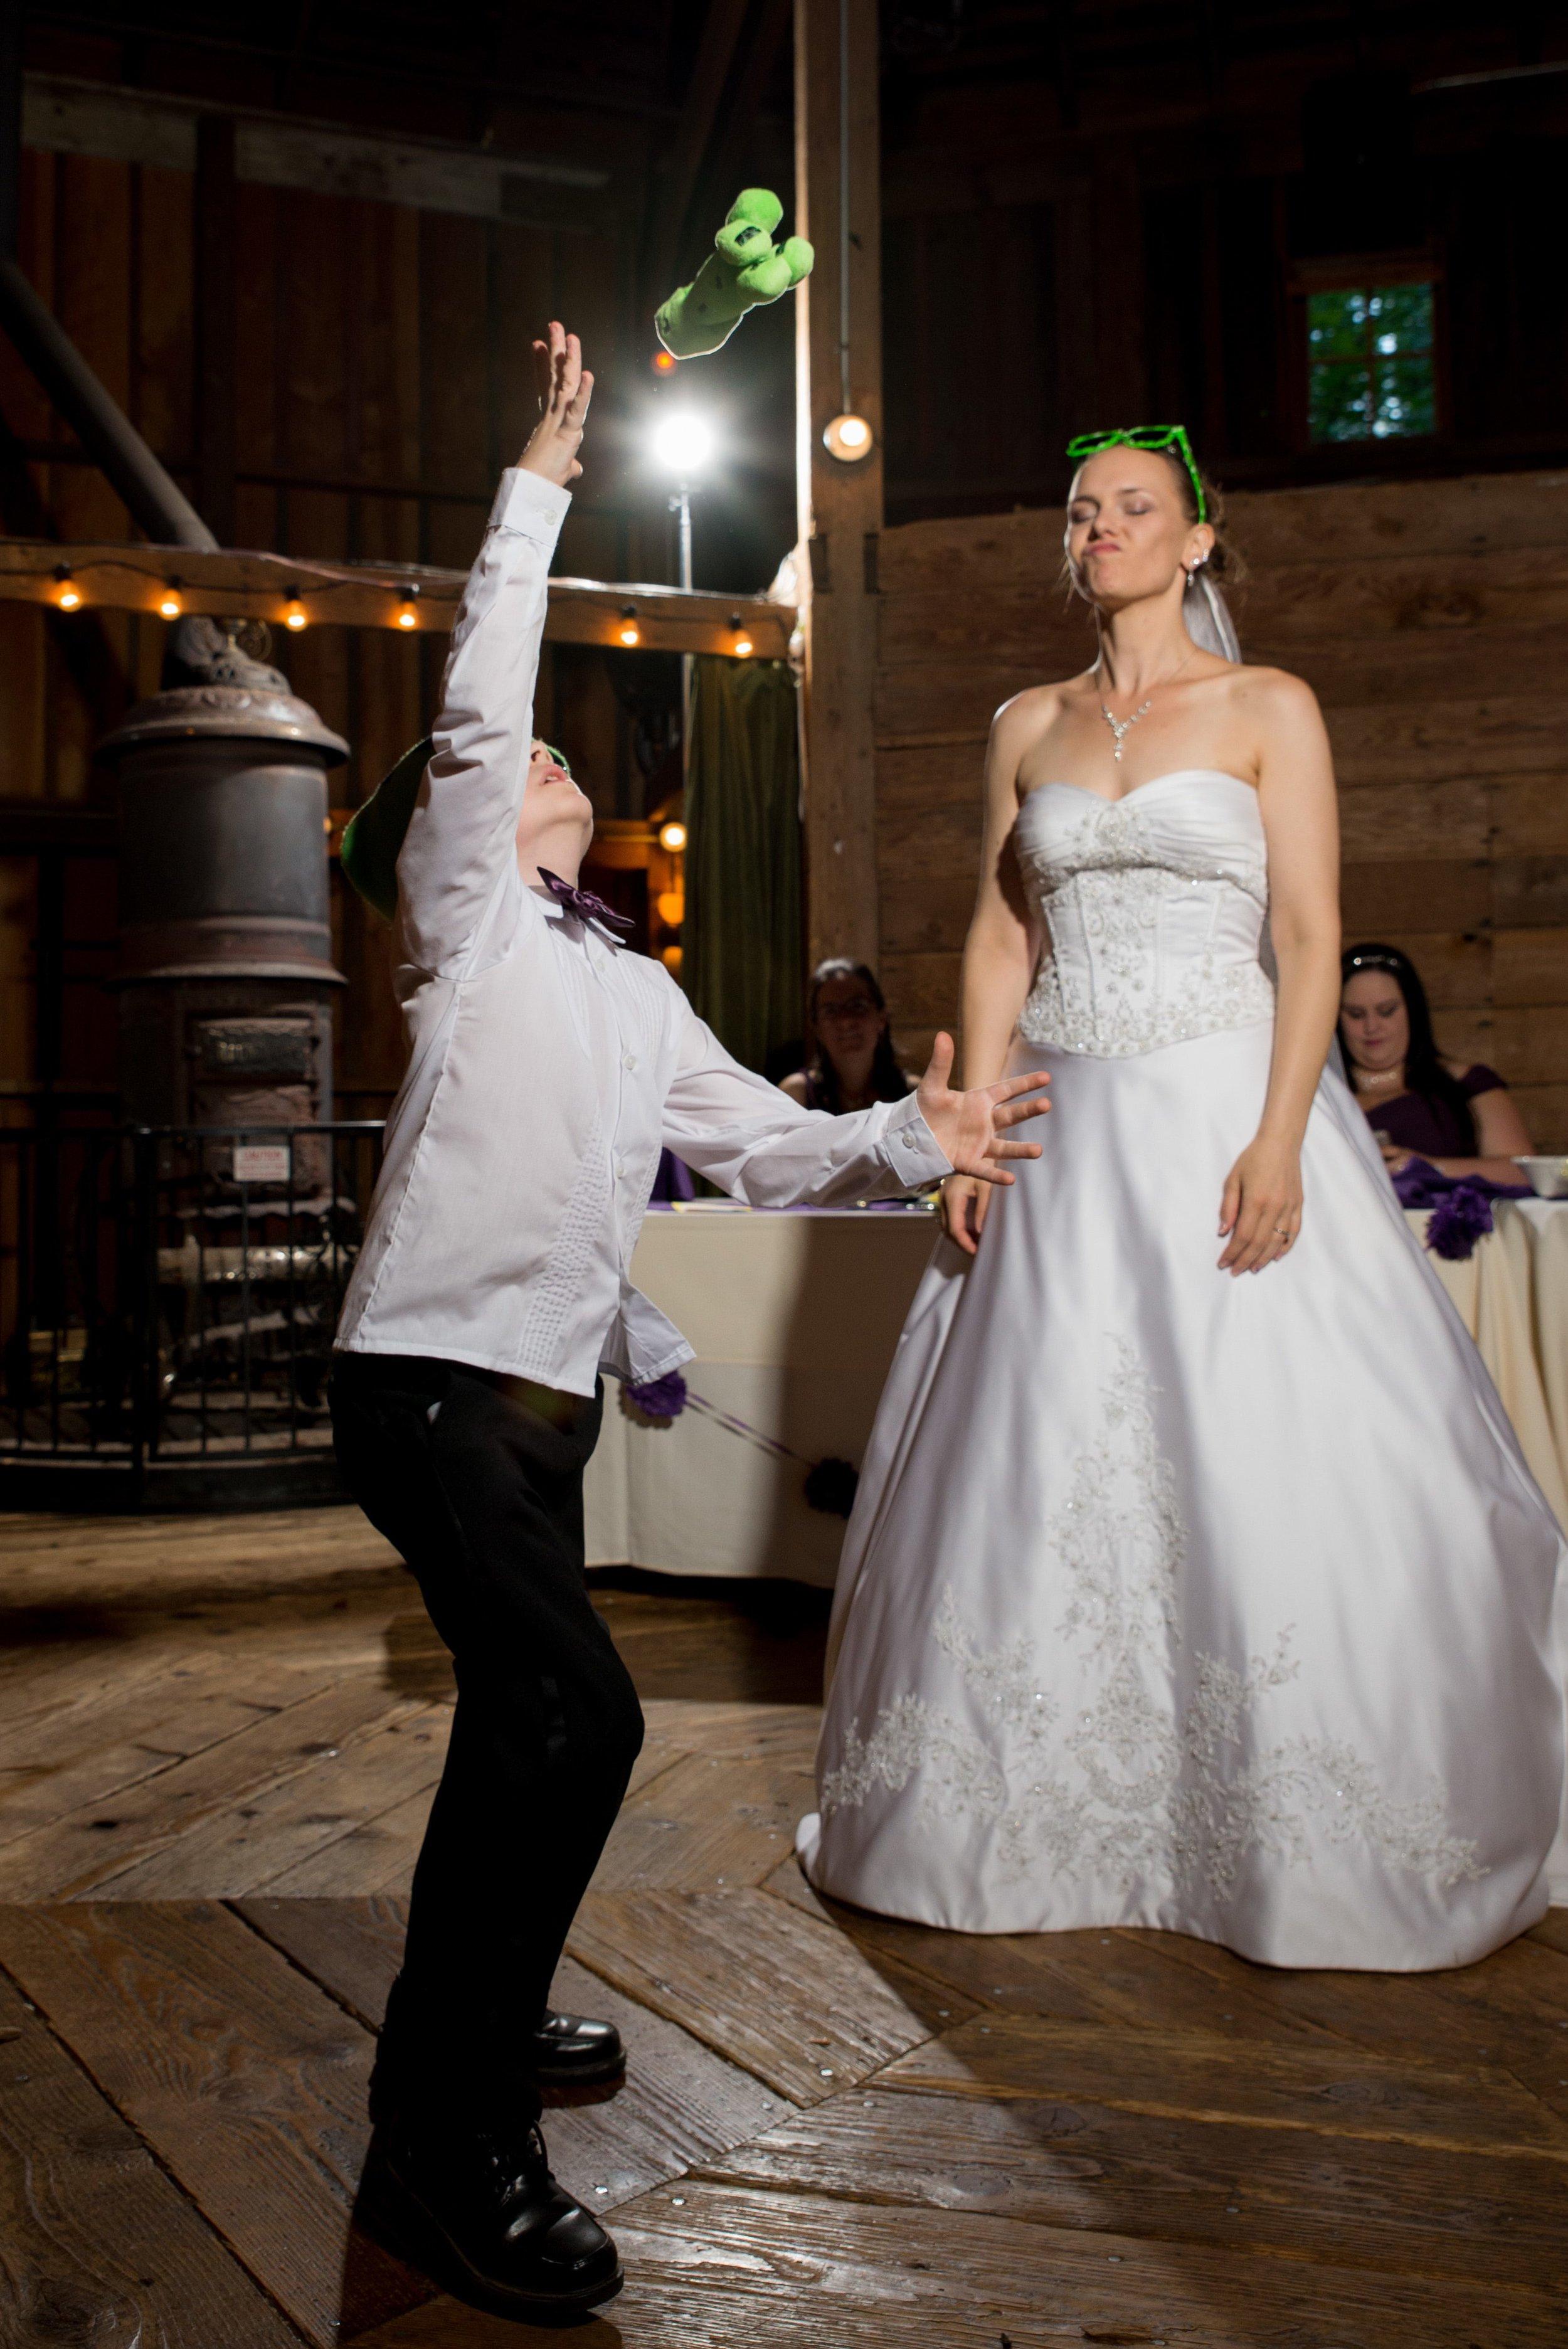 anthony_wedding_website (1 of 1)-3.jpeg